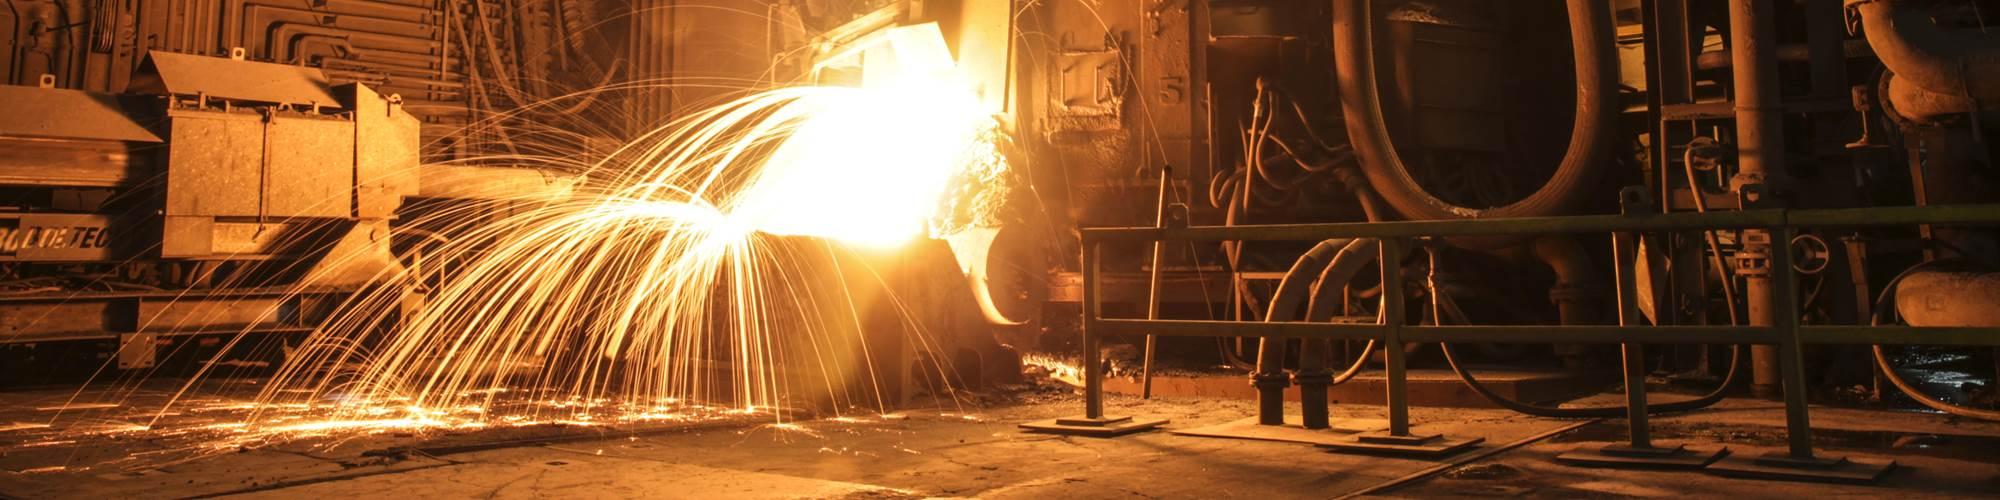 Nucor Electric Arc Furnace